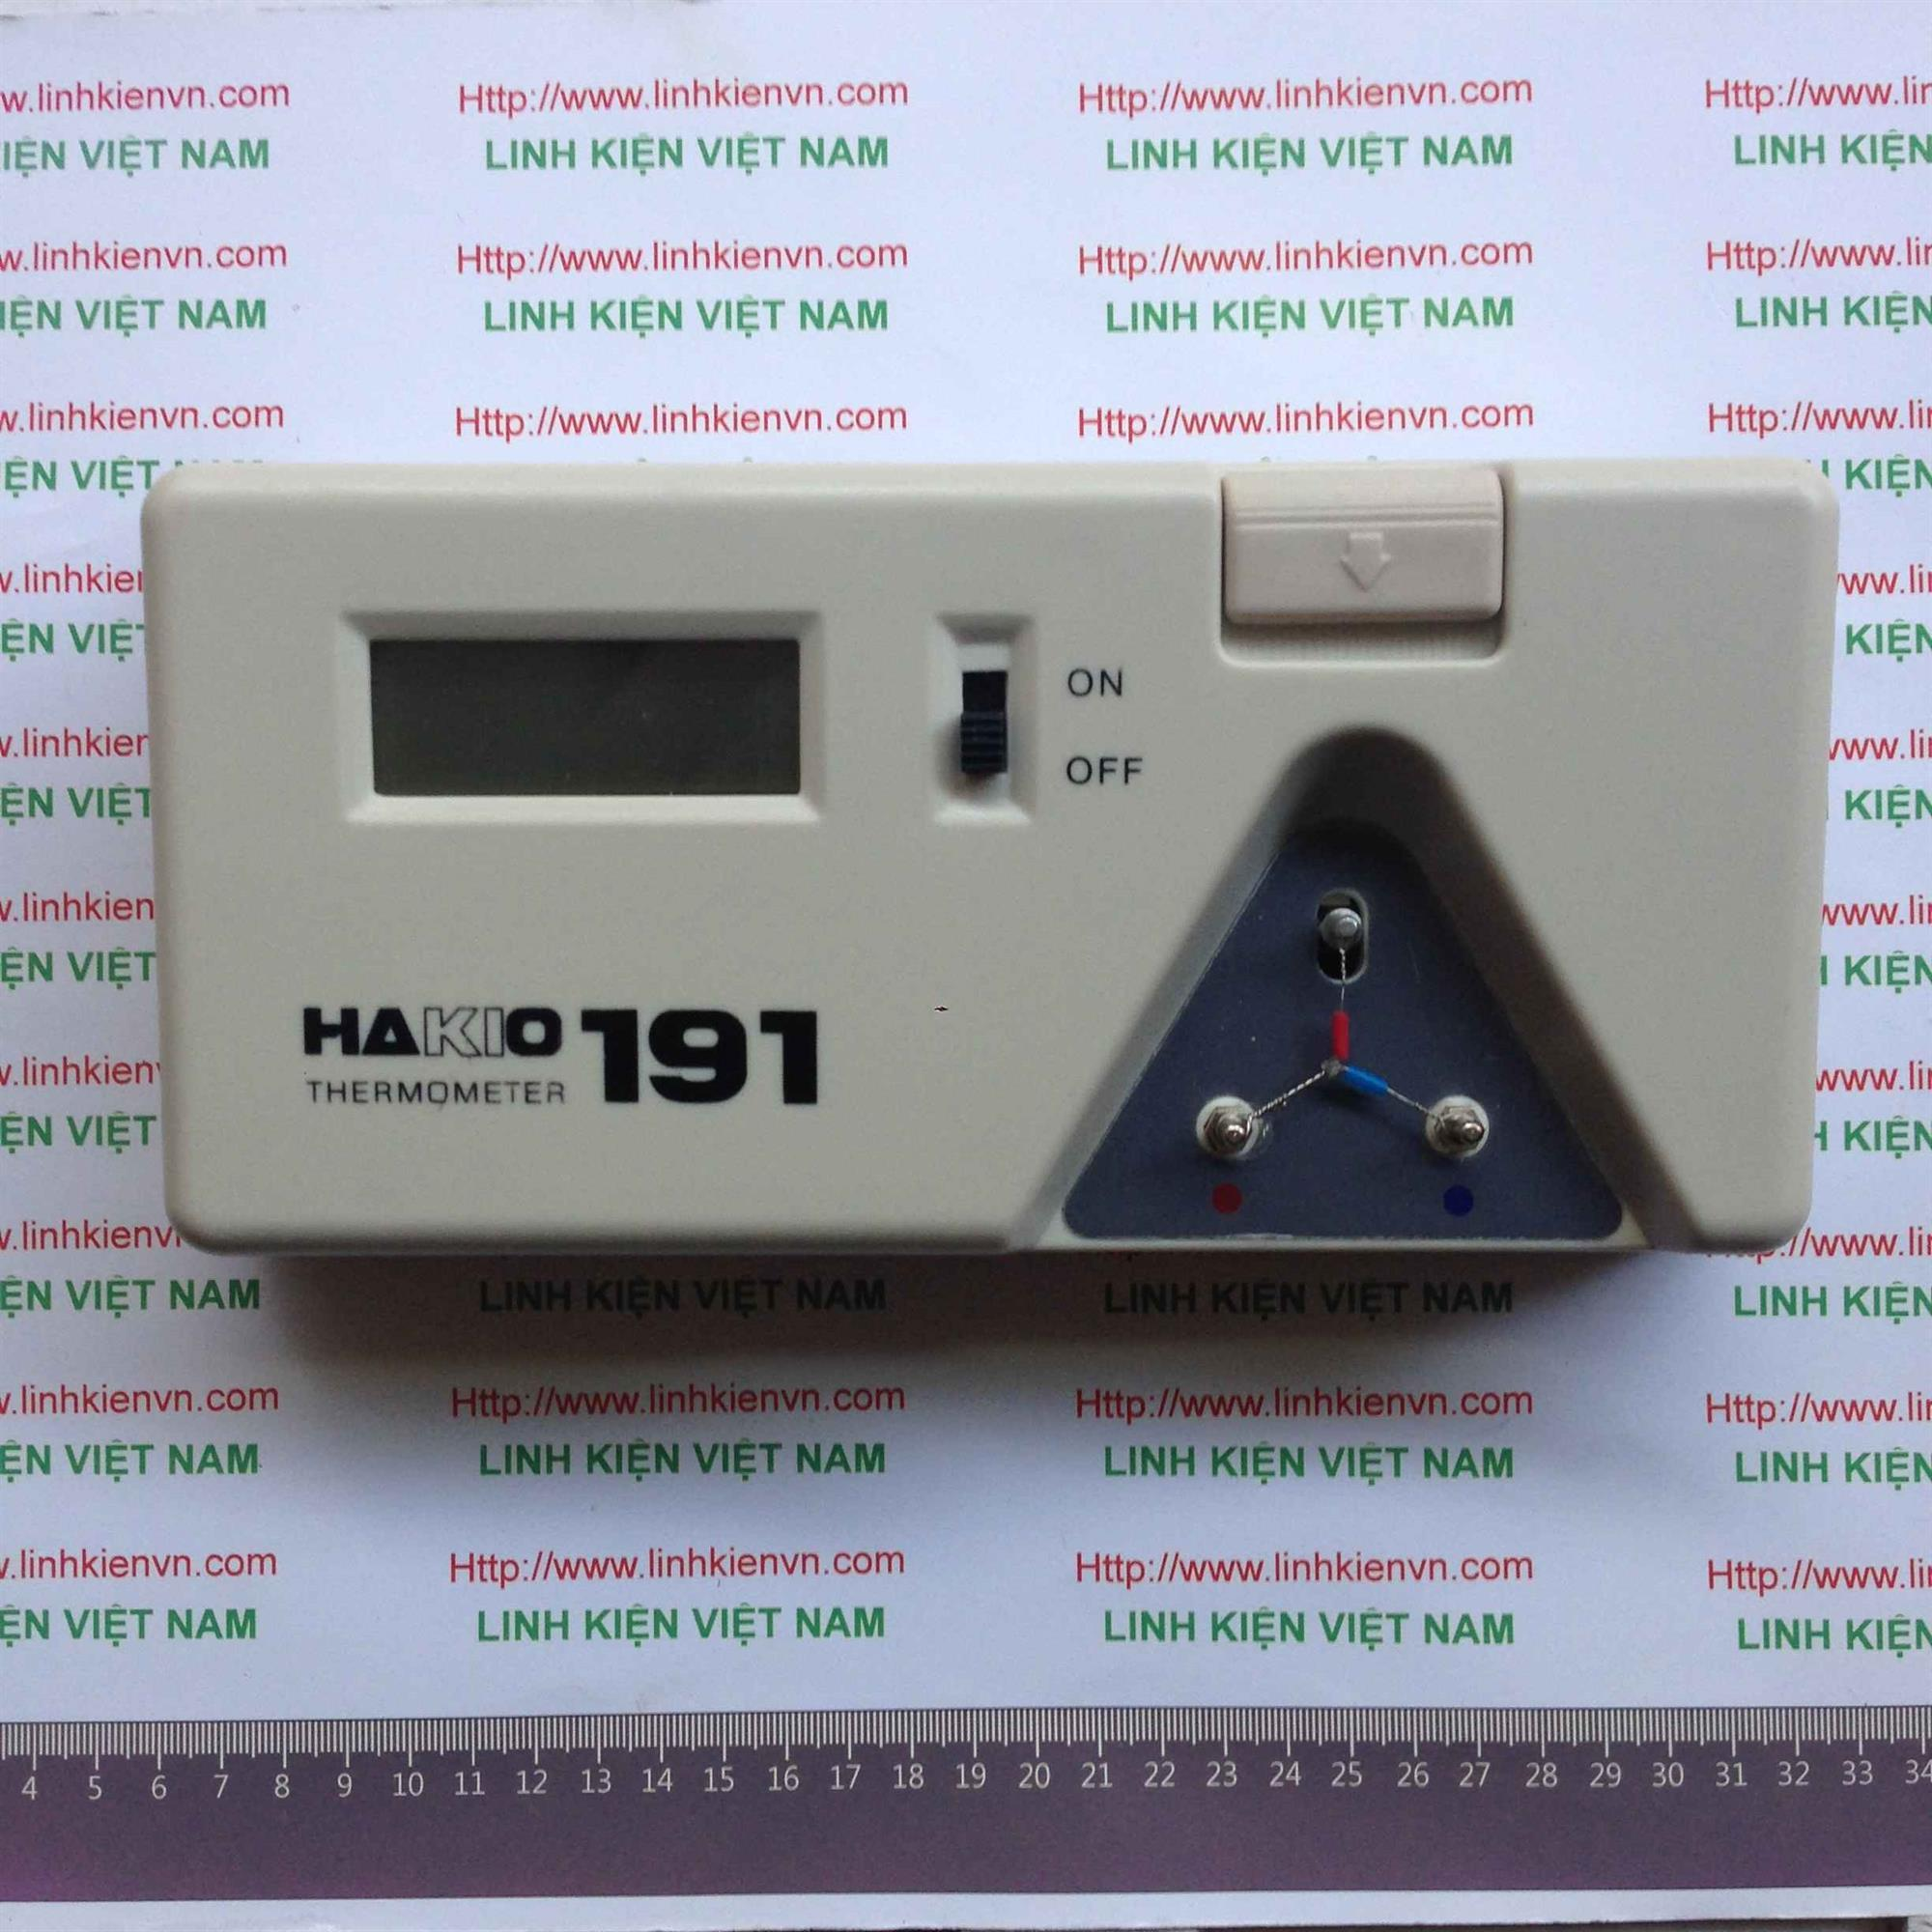 Máy đo nhiệt độ cho máy hàn -  HaKKO191 - KHO B